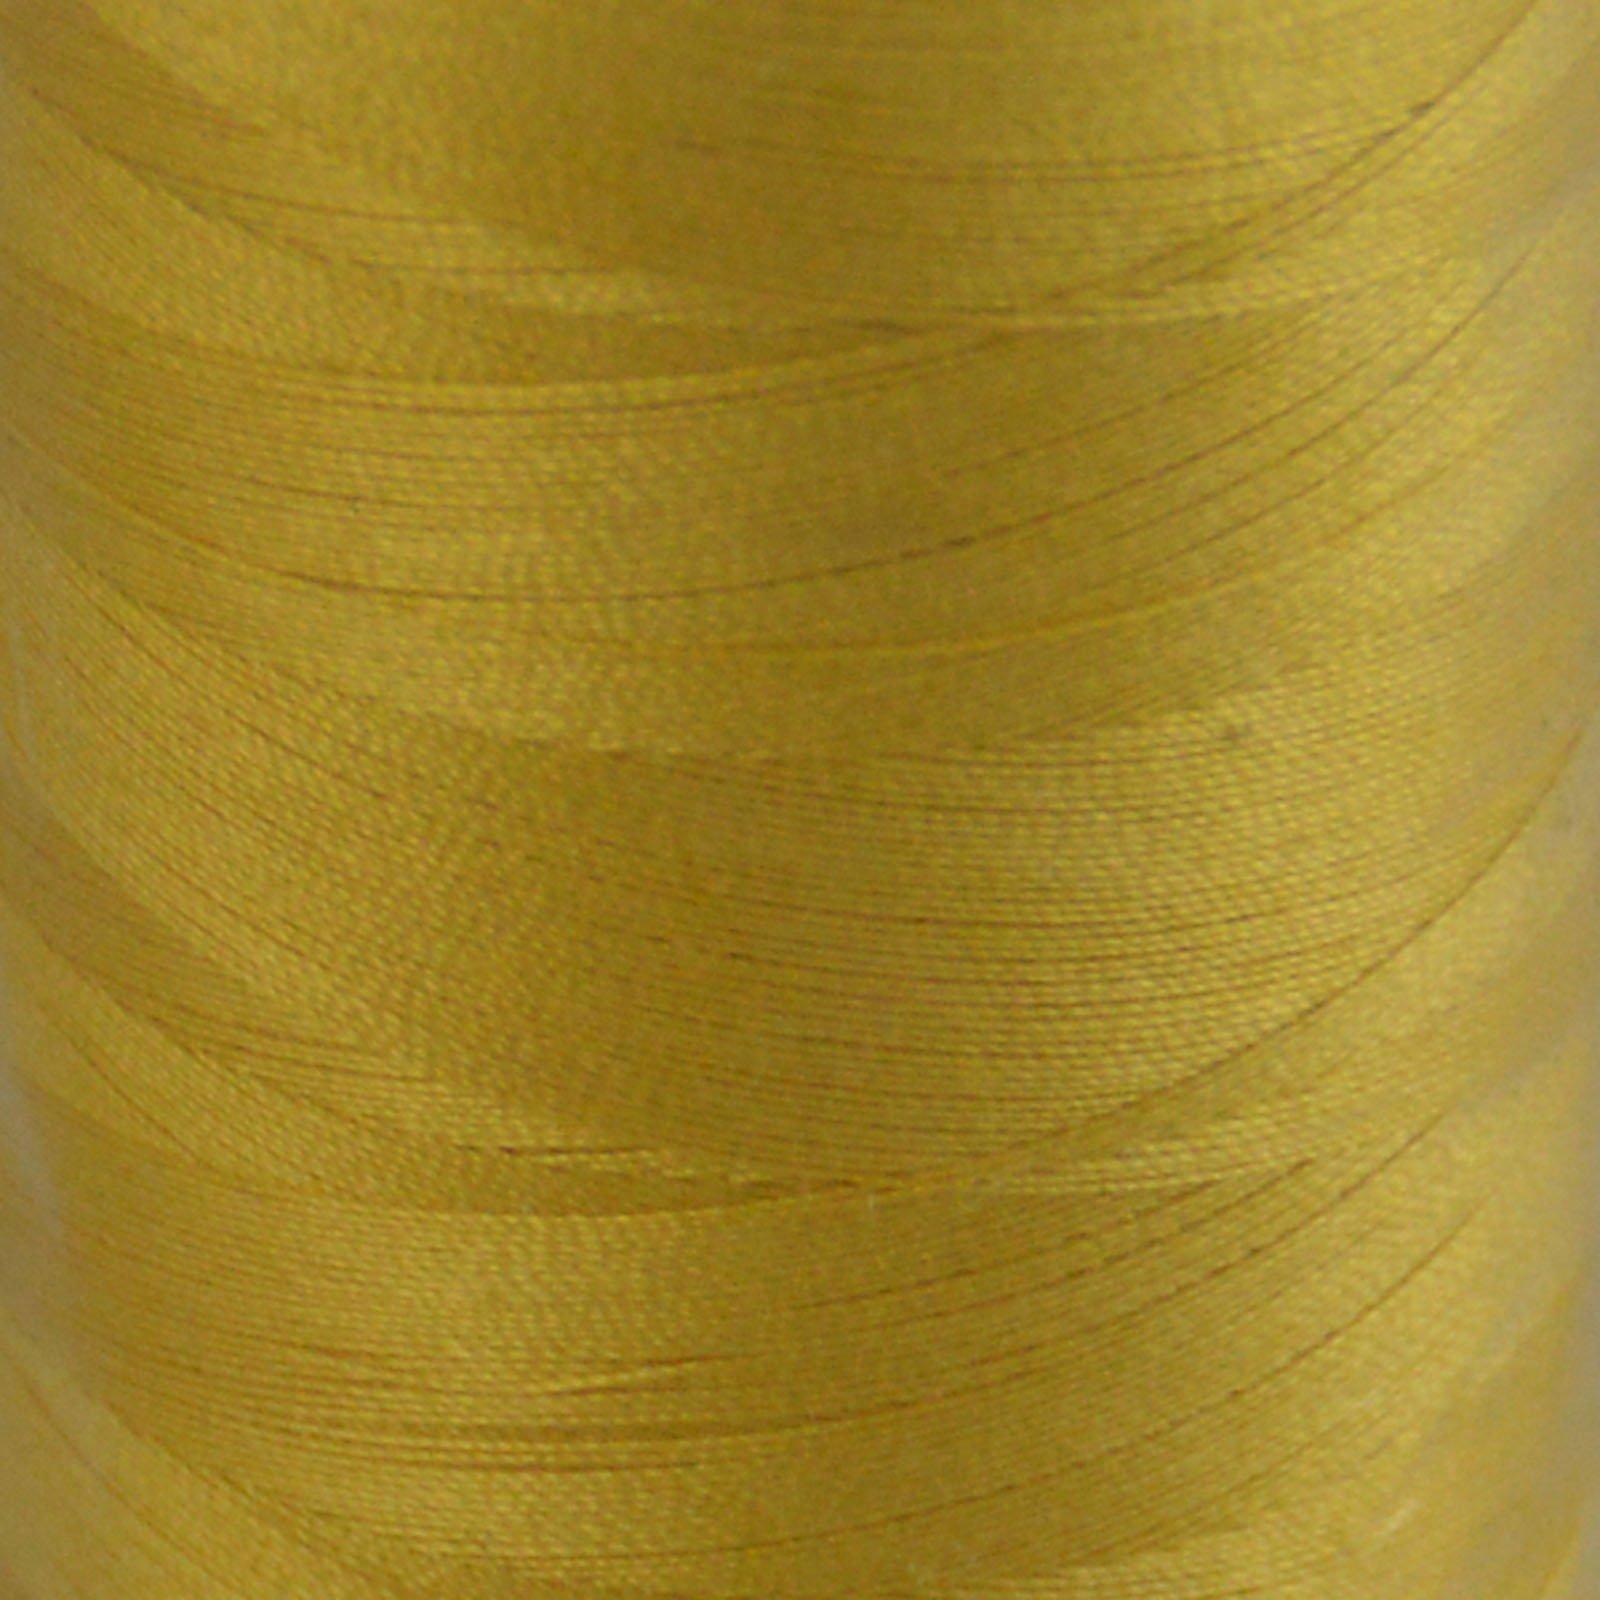 # 2134 Spun Gold